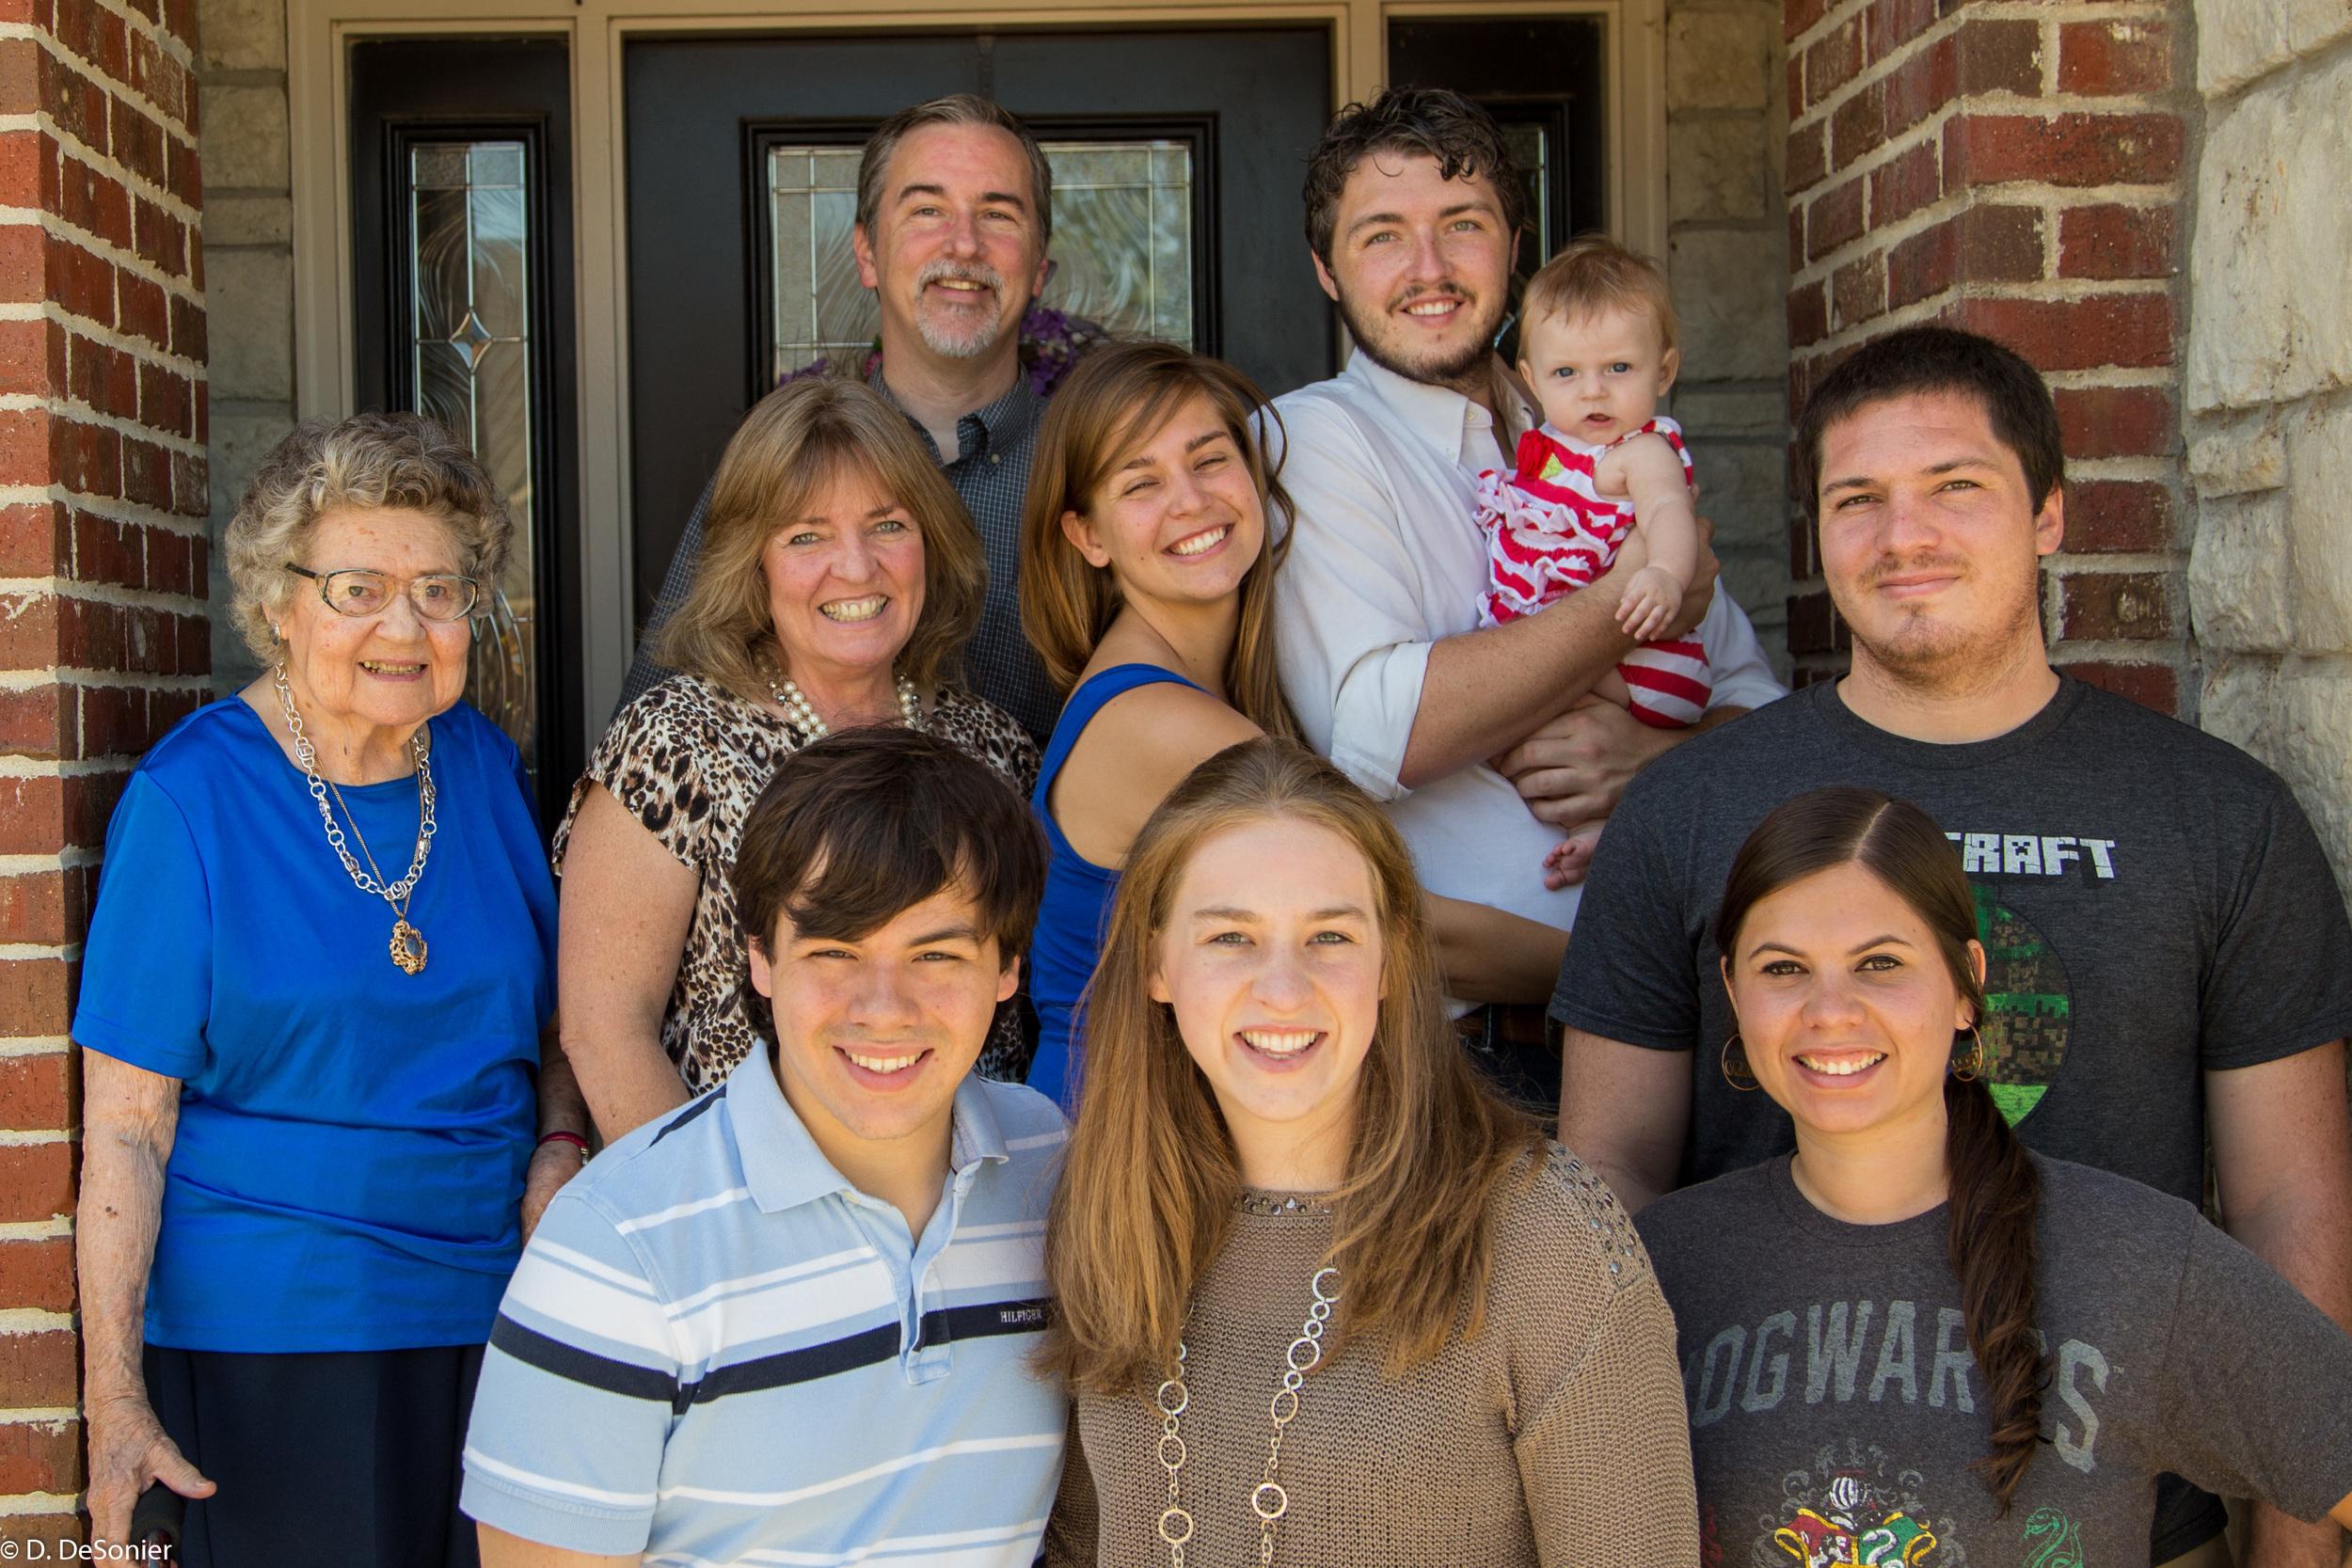 Back : Dave, Josh, Rosie.  Middle : Fran, Roanne, Sharlotte, Mike,  Front : Ben, Christie, Megan.